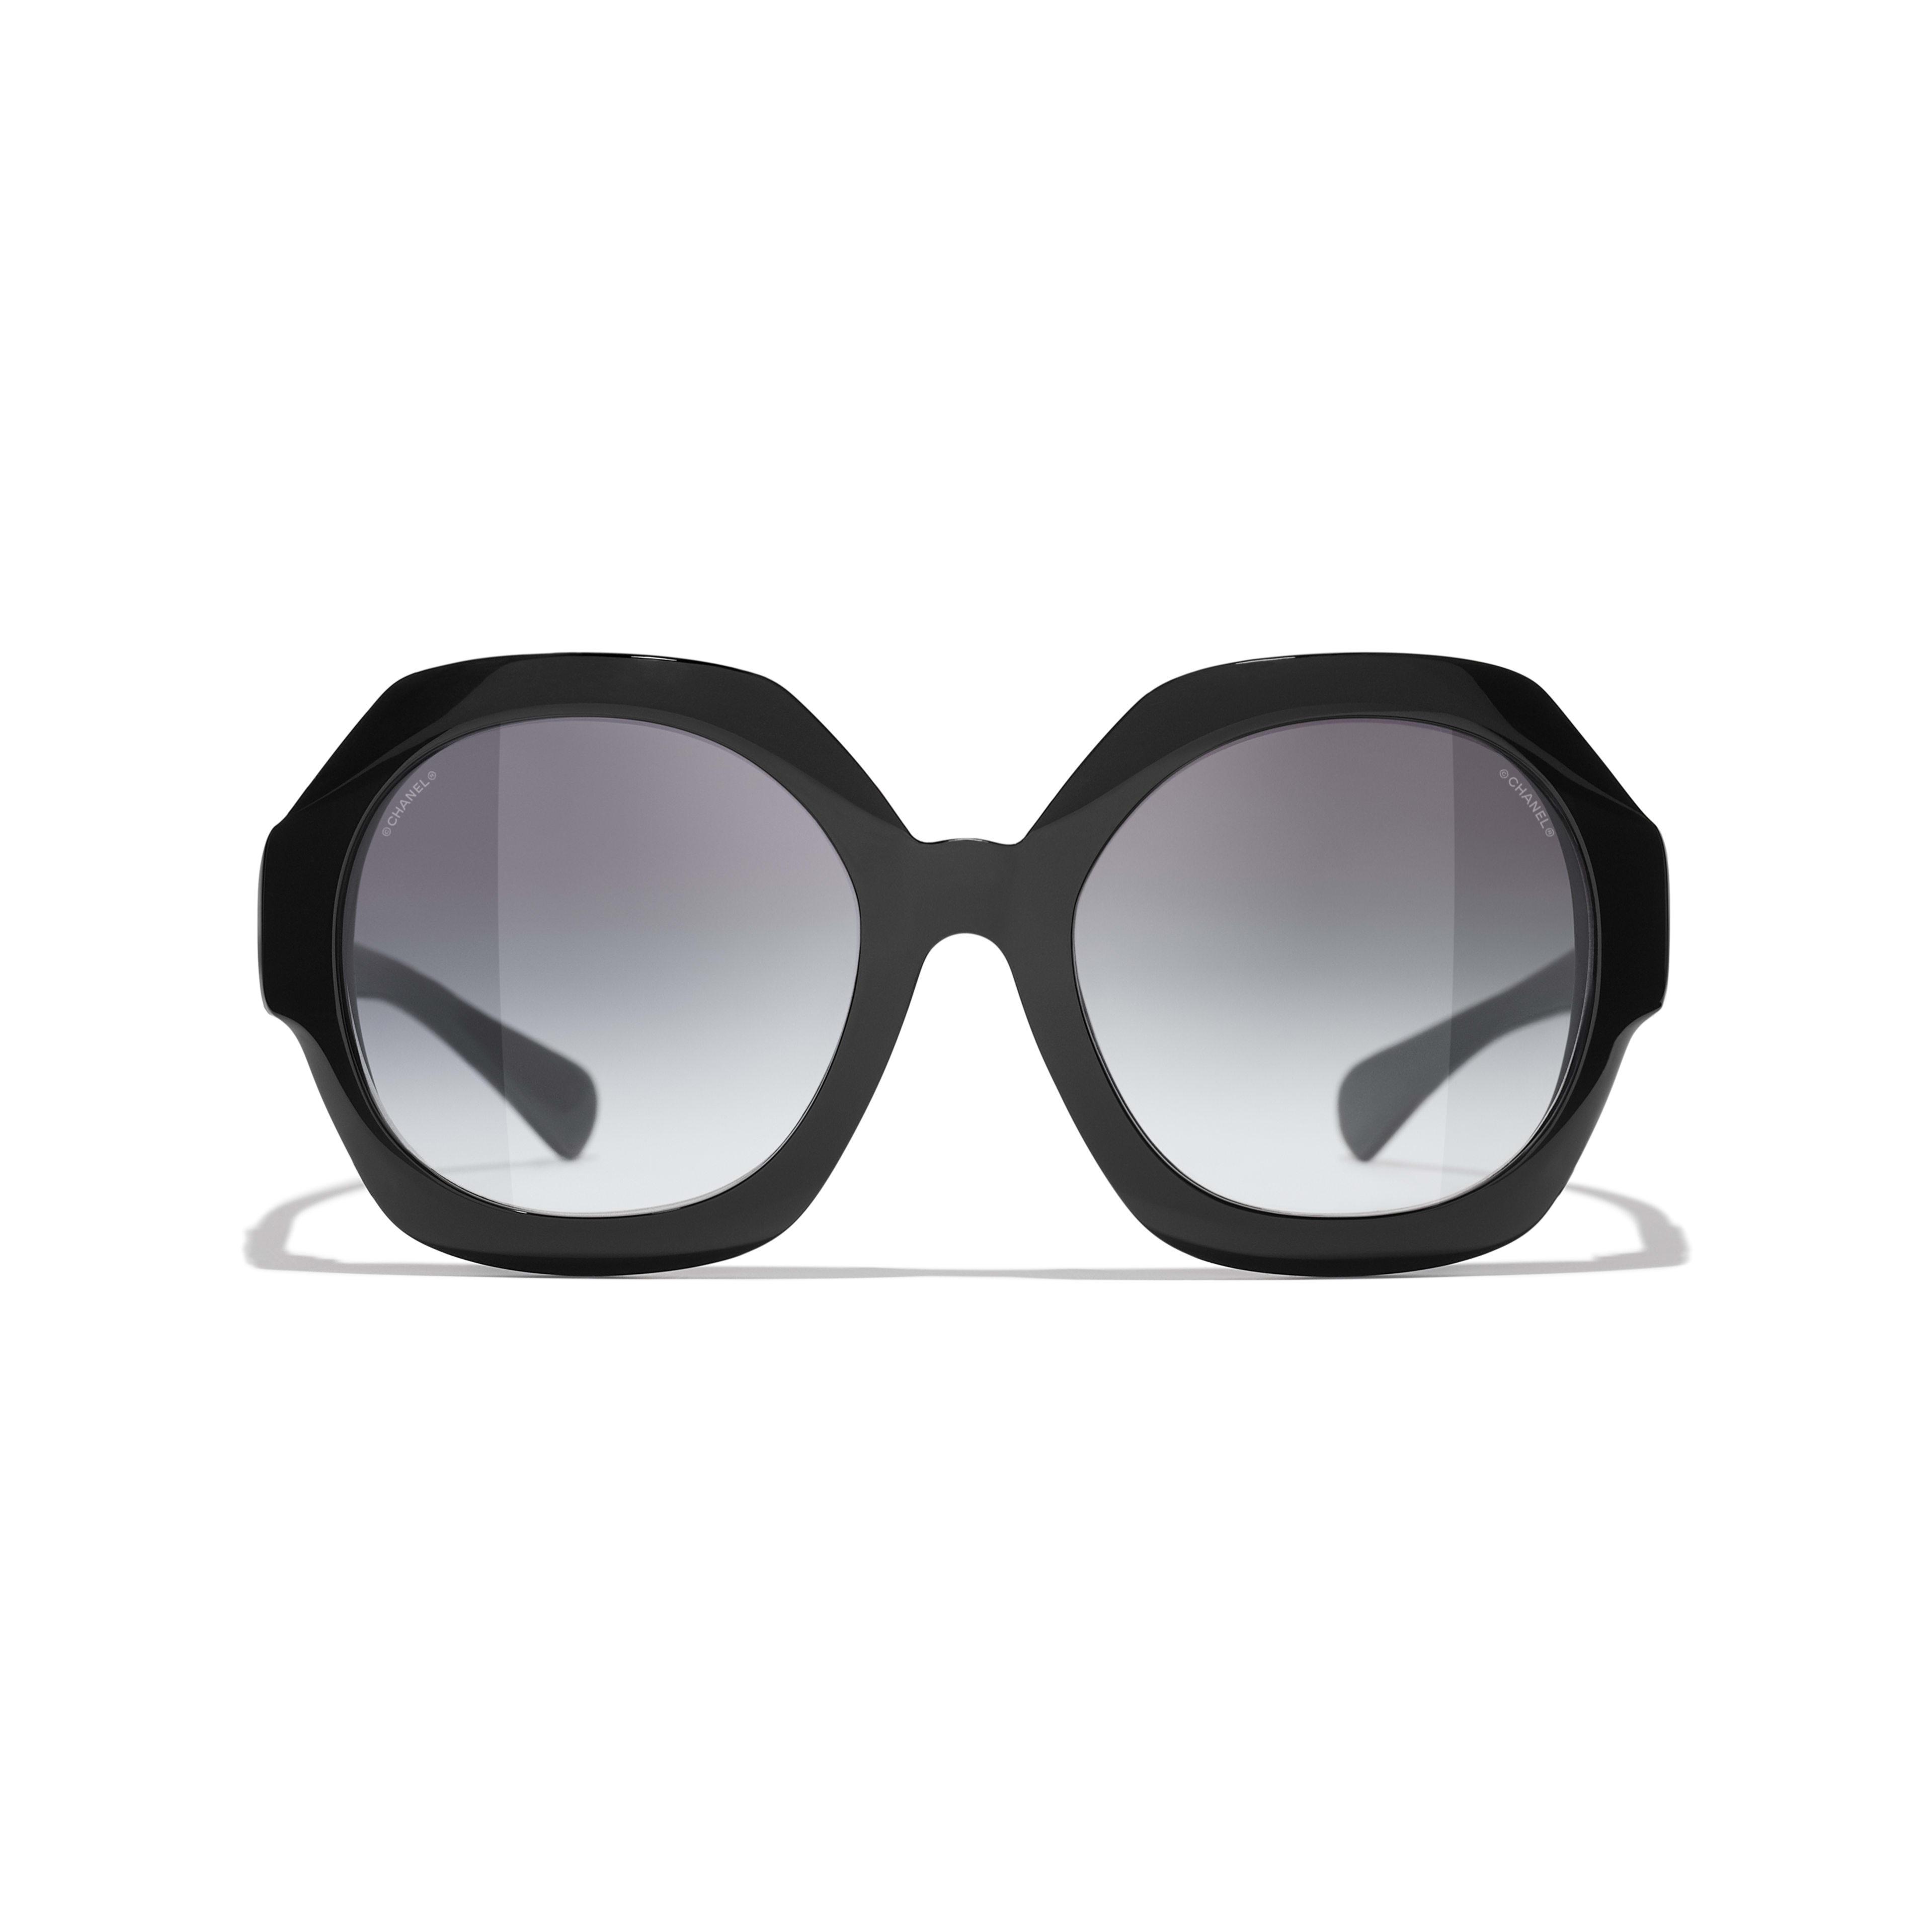 Lunettes rondes - Noir - Acétate - CHANEL - Vue alternative - voir la version taille standard